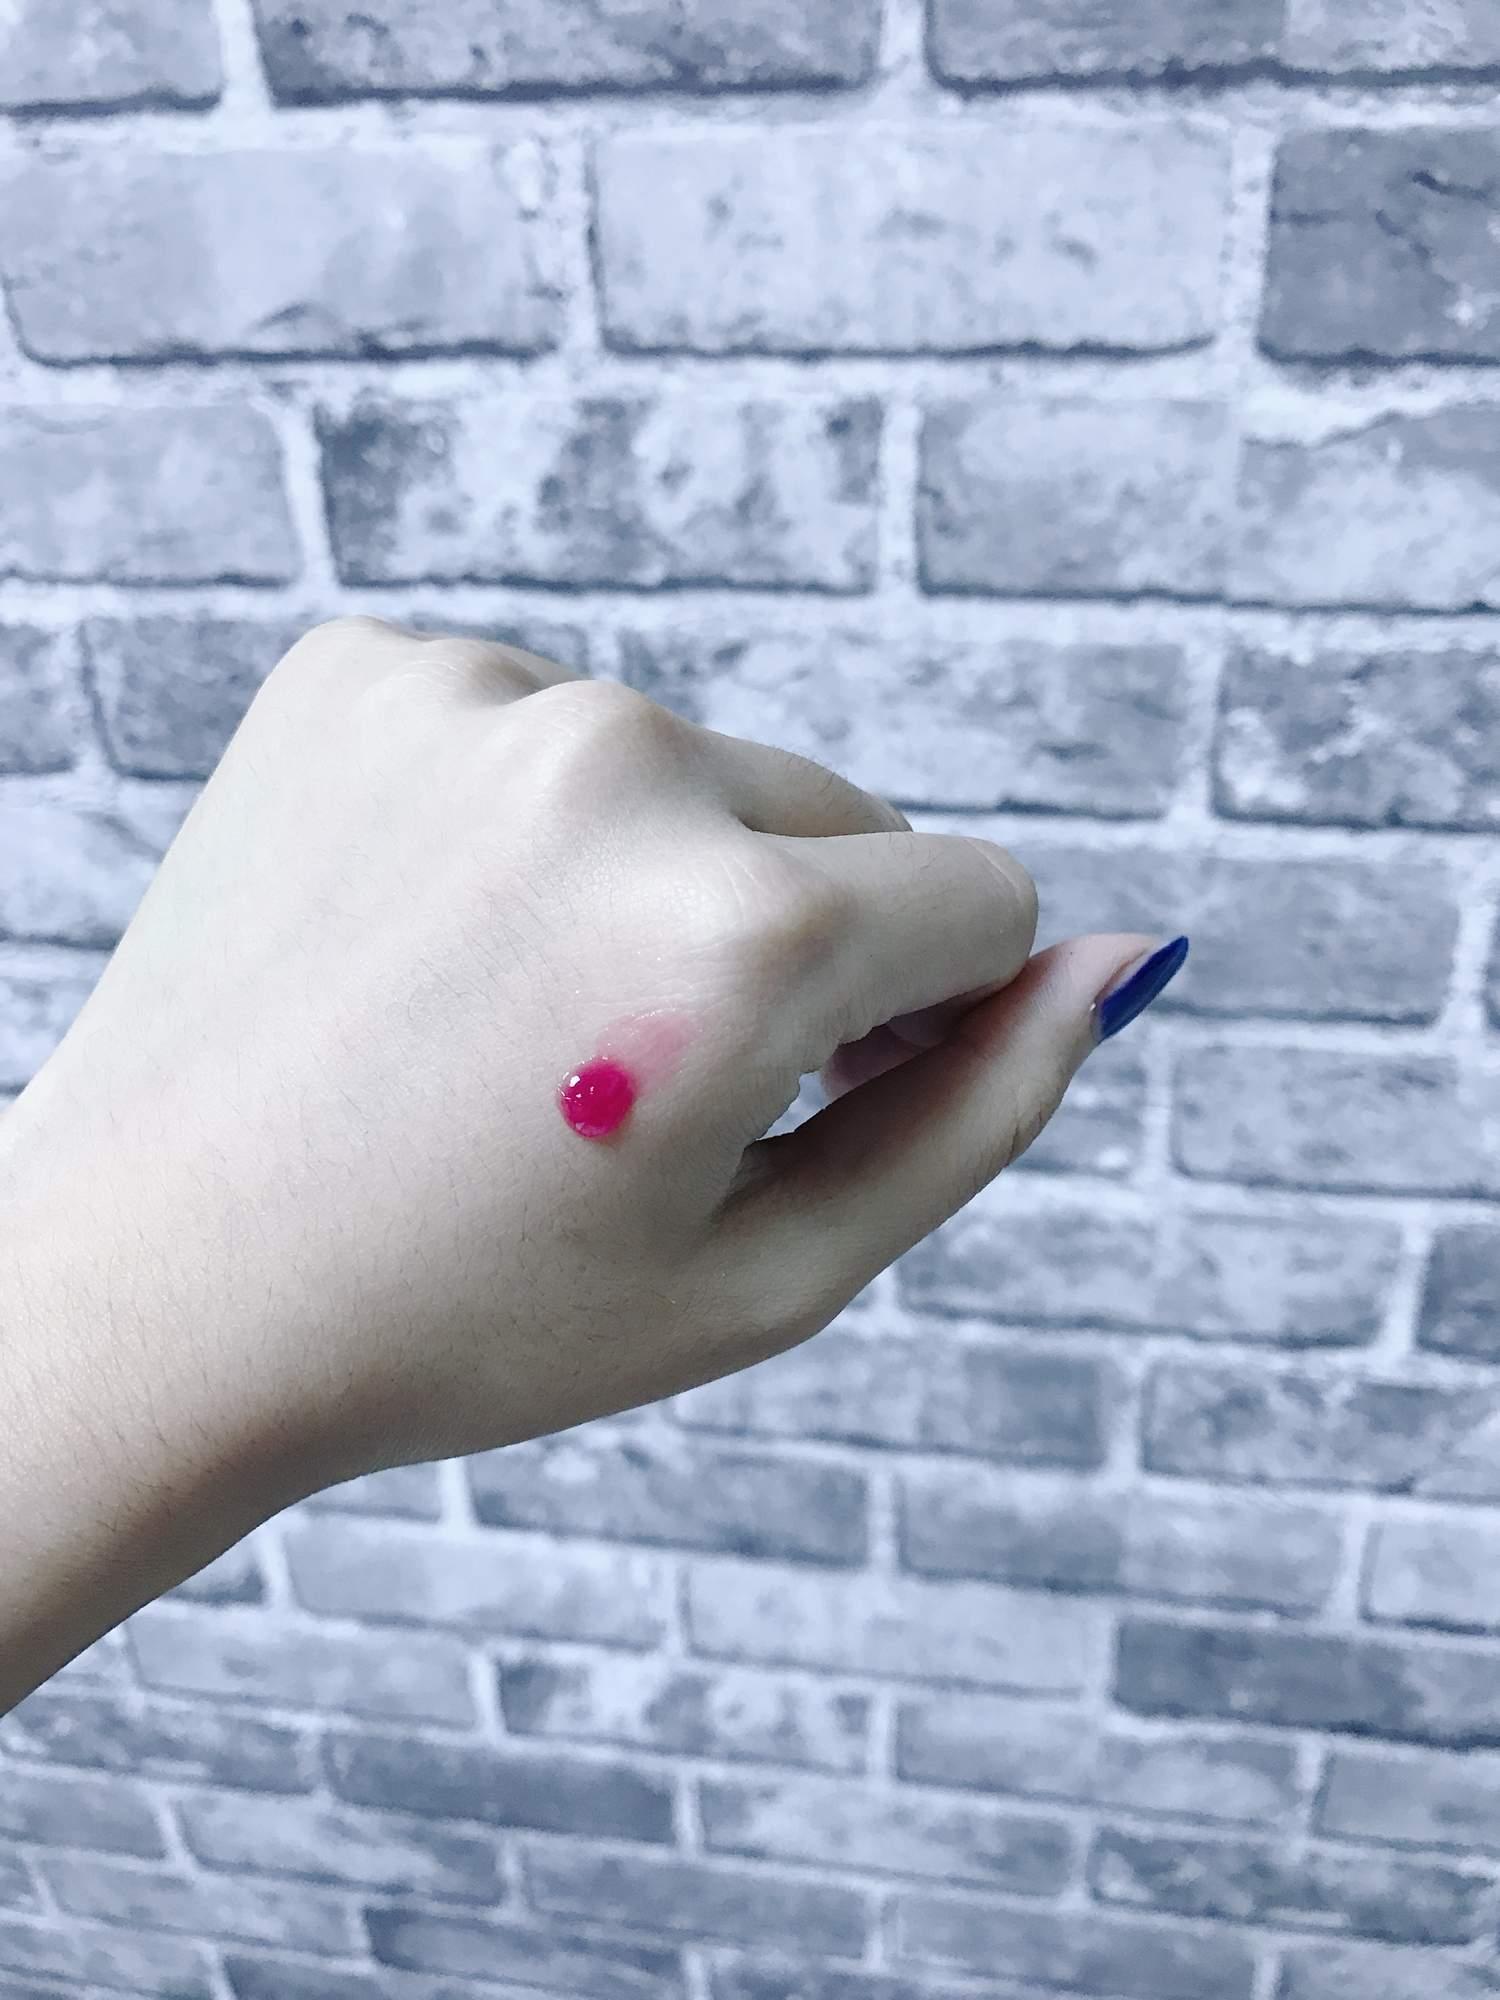 香吻氣墊唇蜜有2種顏色,今天是示範莓果色,果凍般的唇蜜質地不會黏膩。